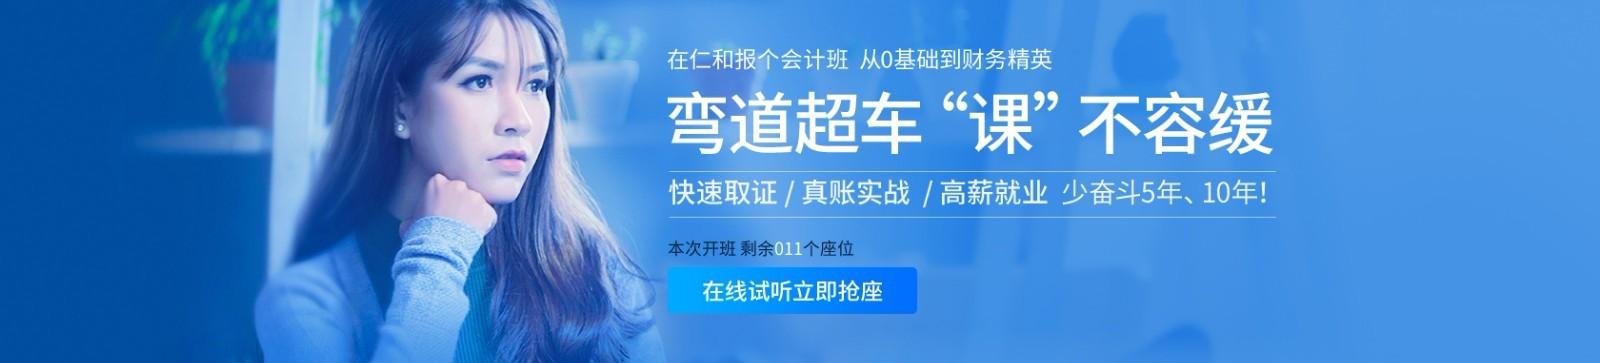 赣州仁和会计betway体育app学校 横幅广告